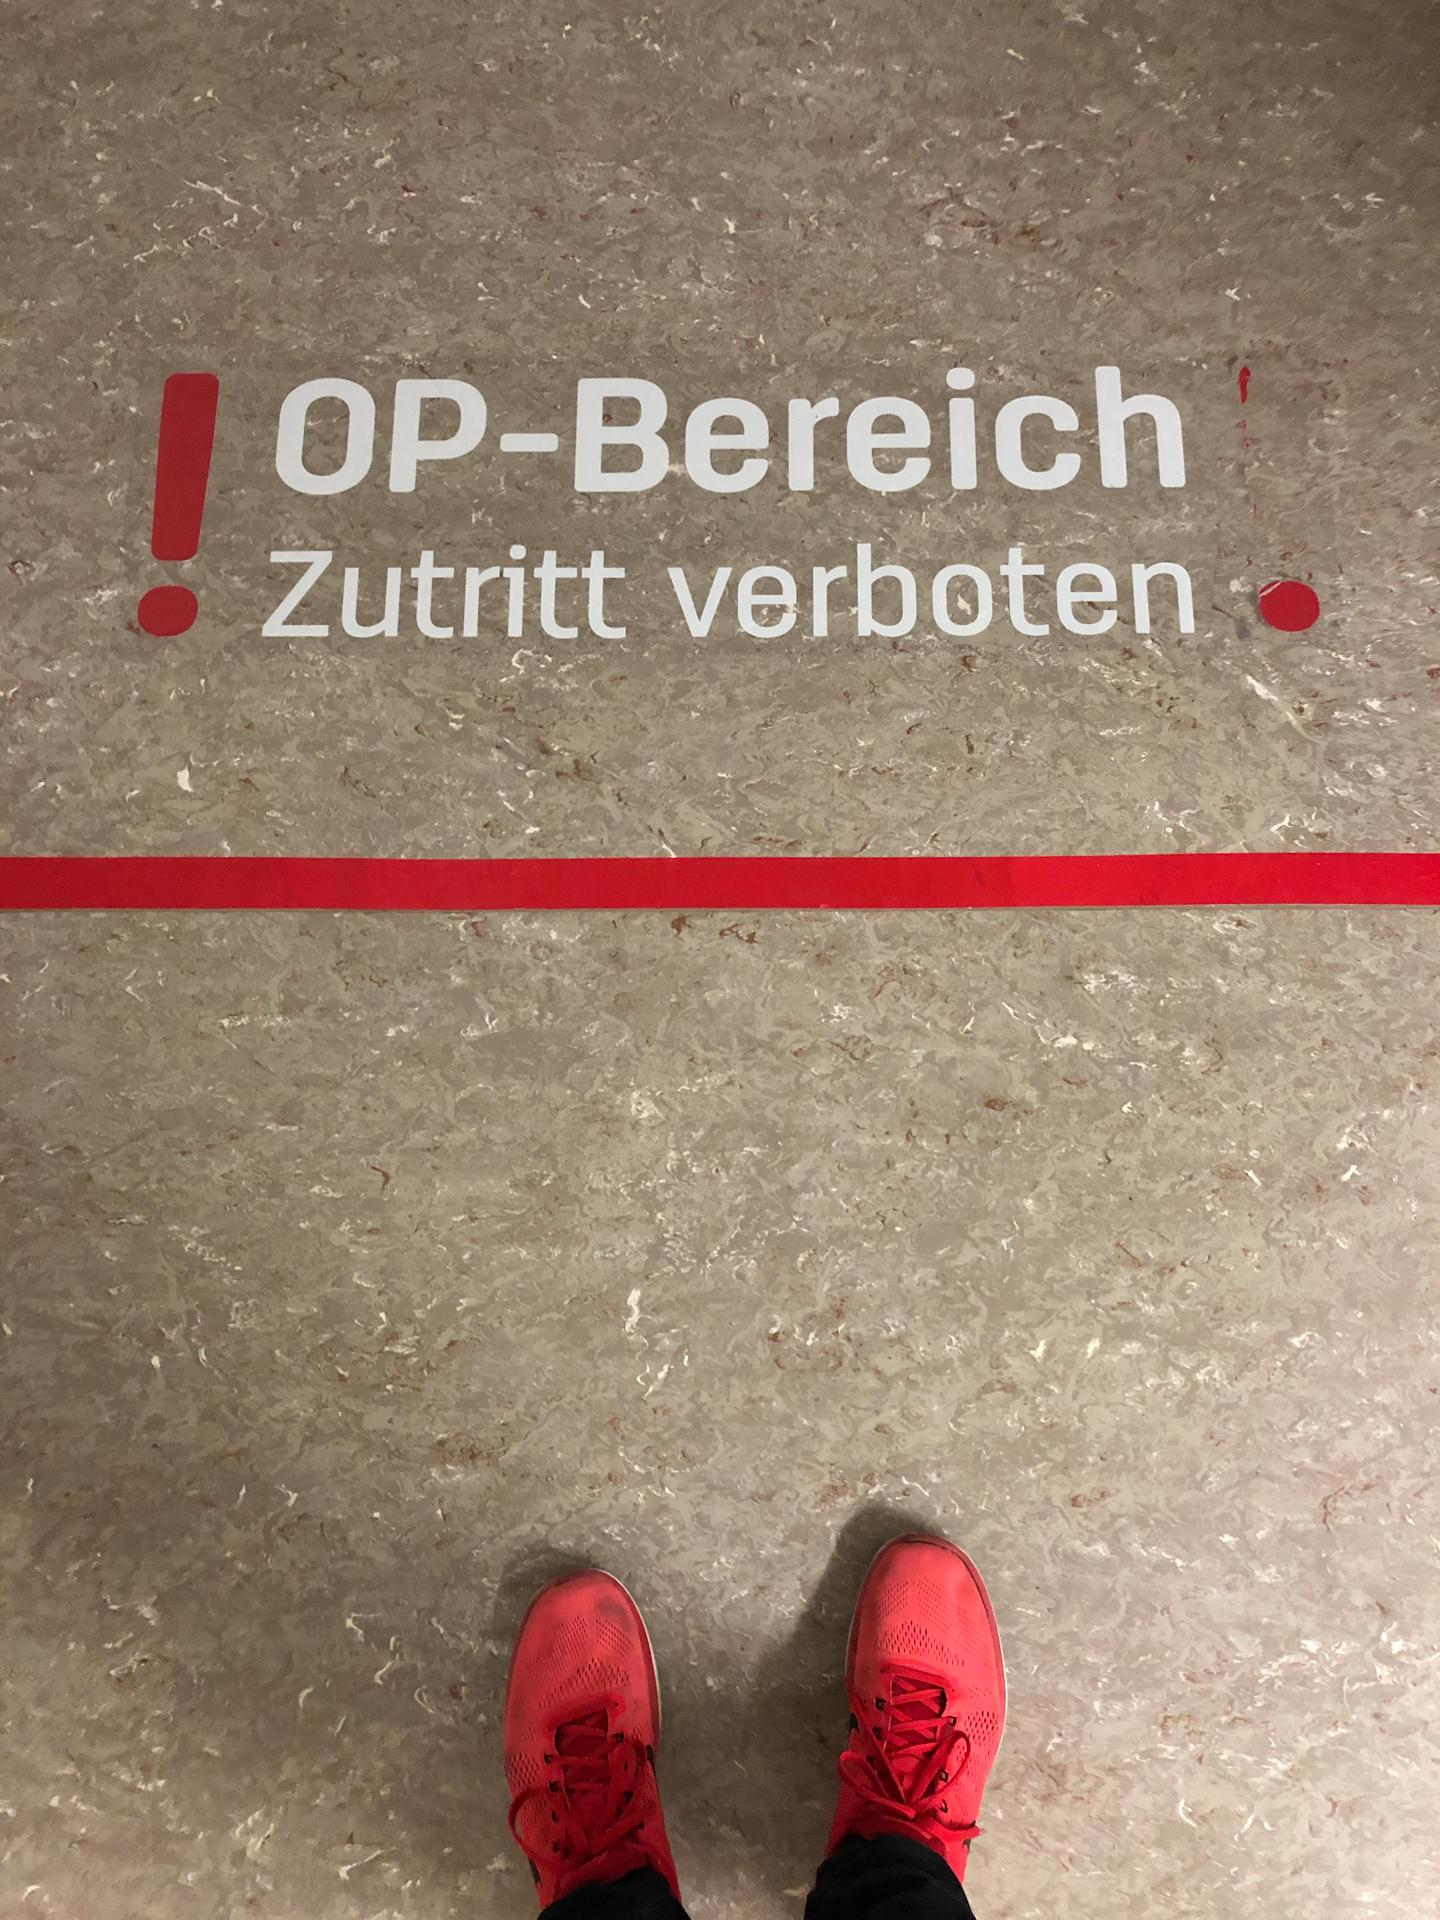 Zwei Schuhe auf dem Boden vor einem OP-Bereich